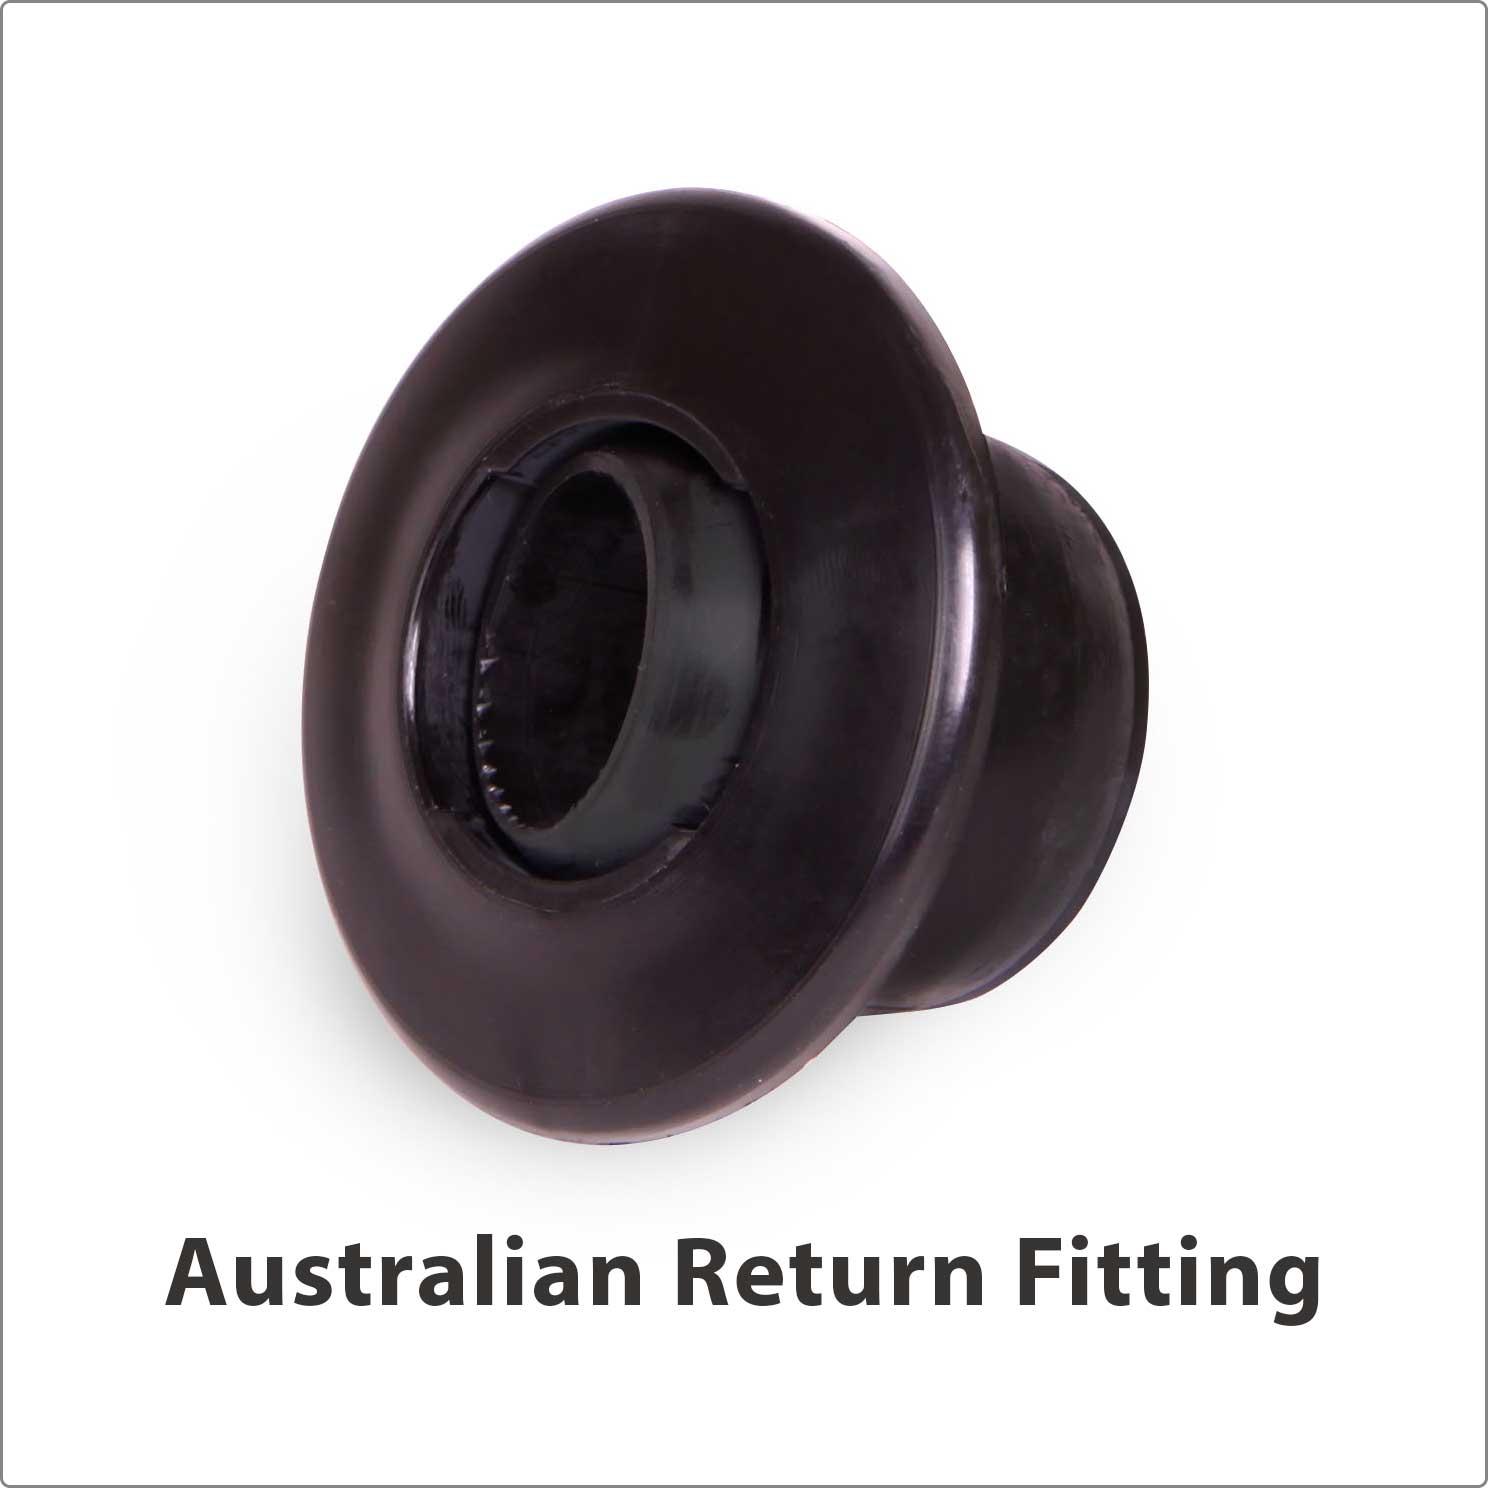 Australian Return Fitting